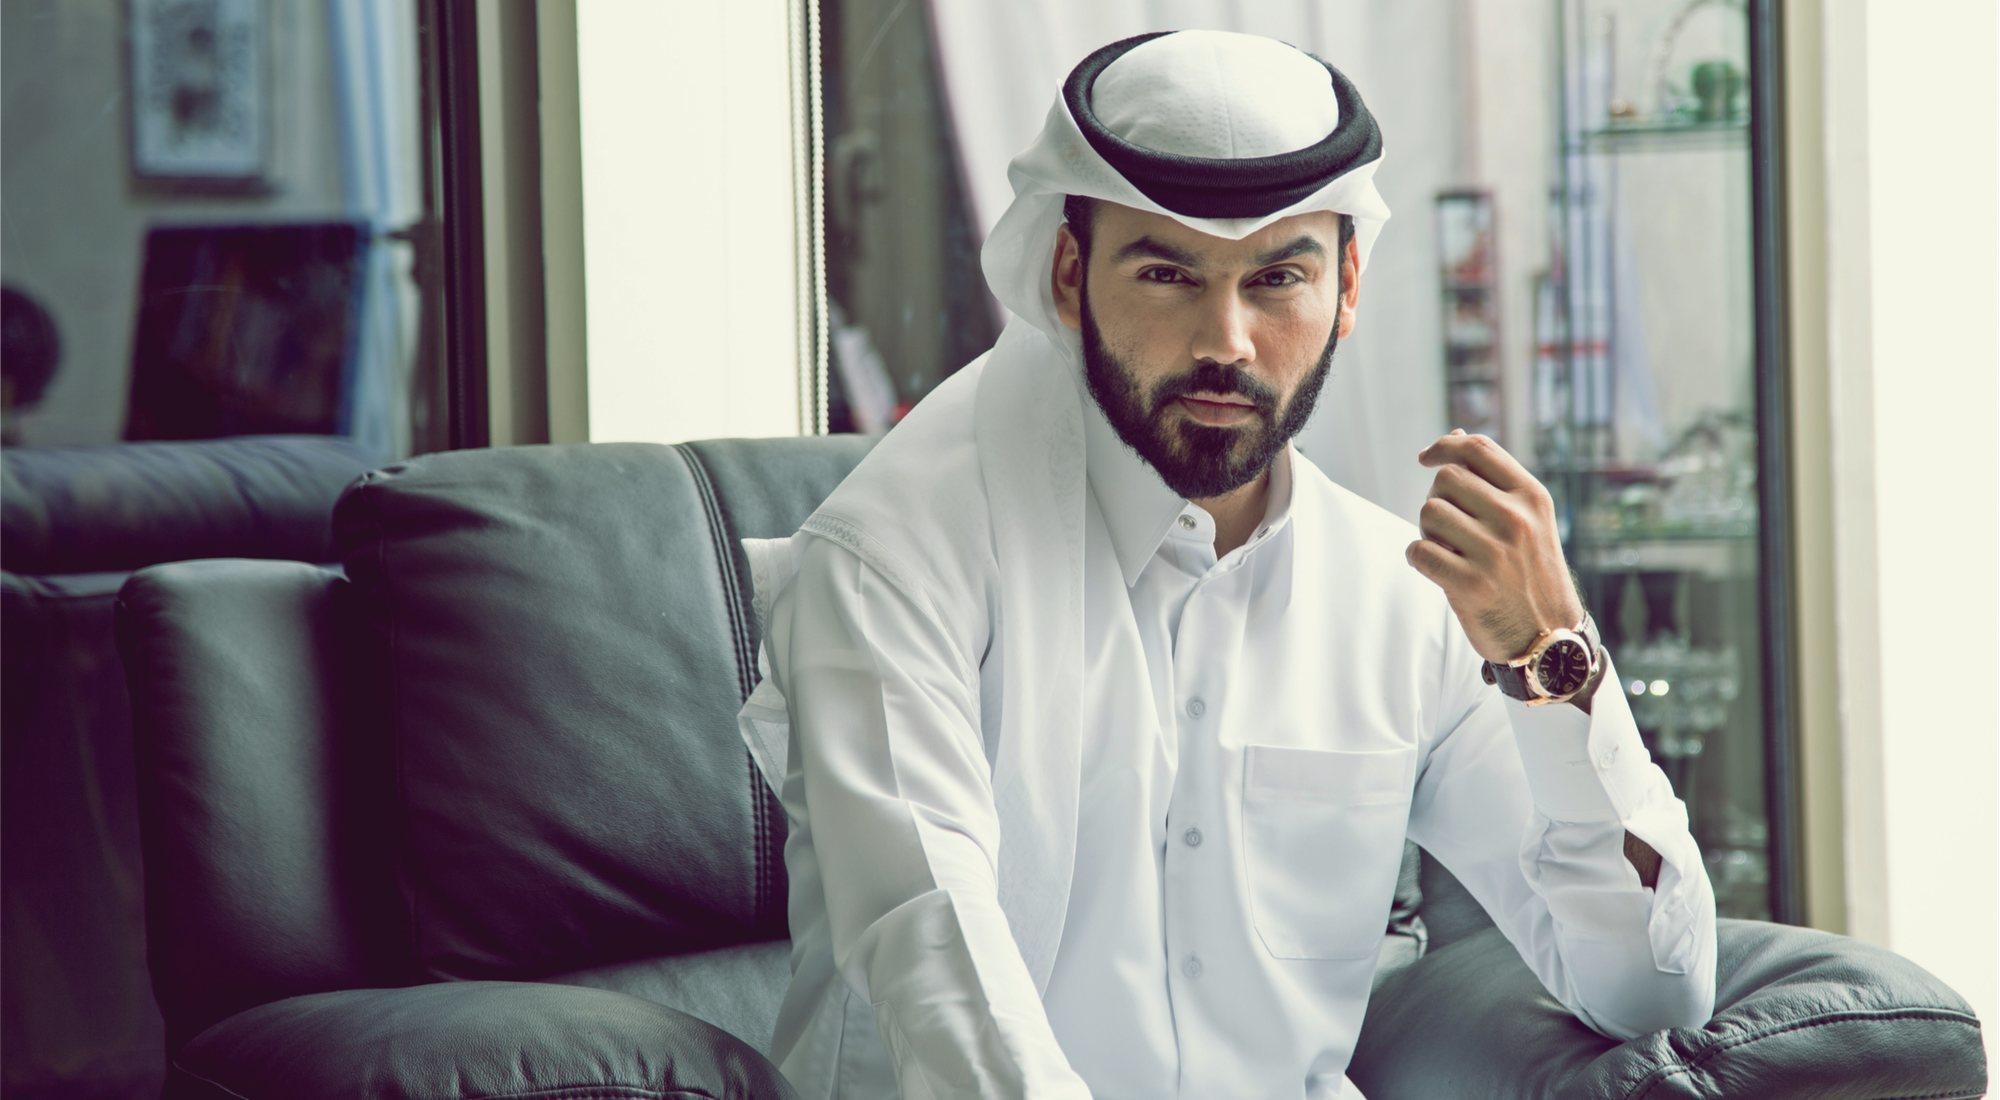 La metrosexualidad en los países árabes de cultura islámica